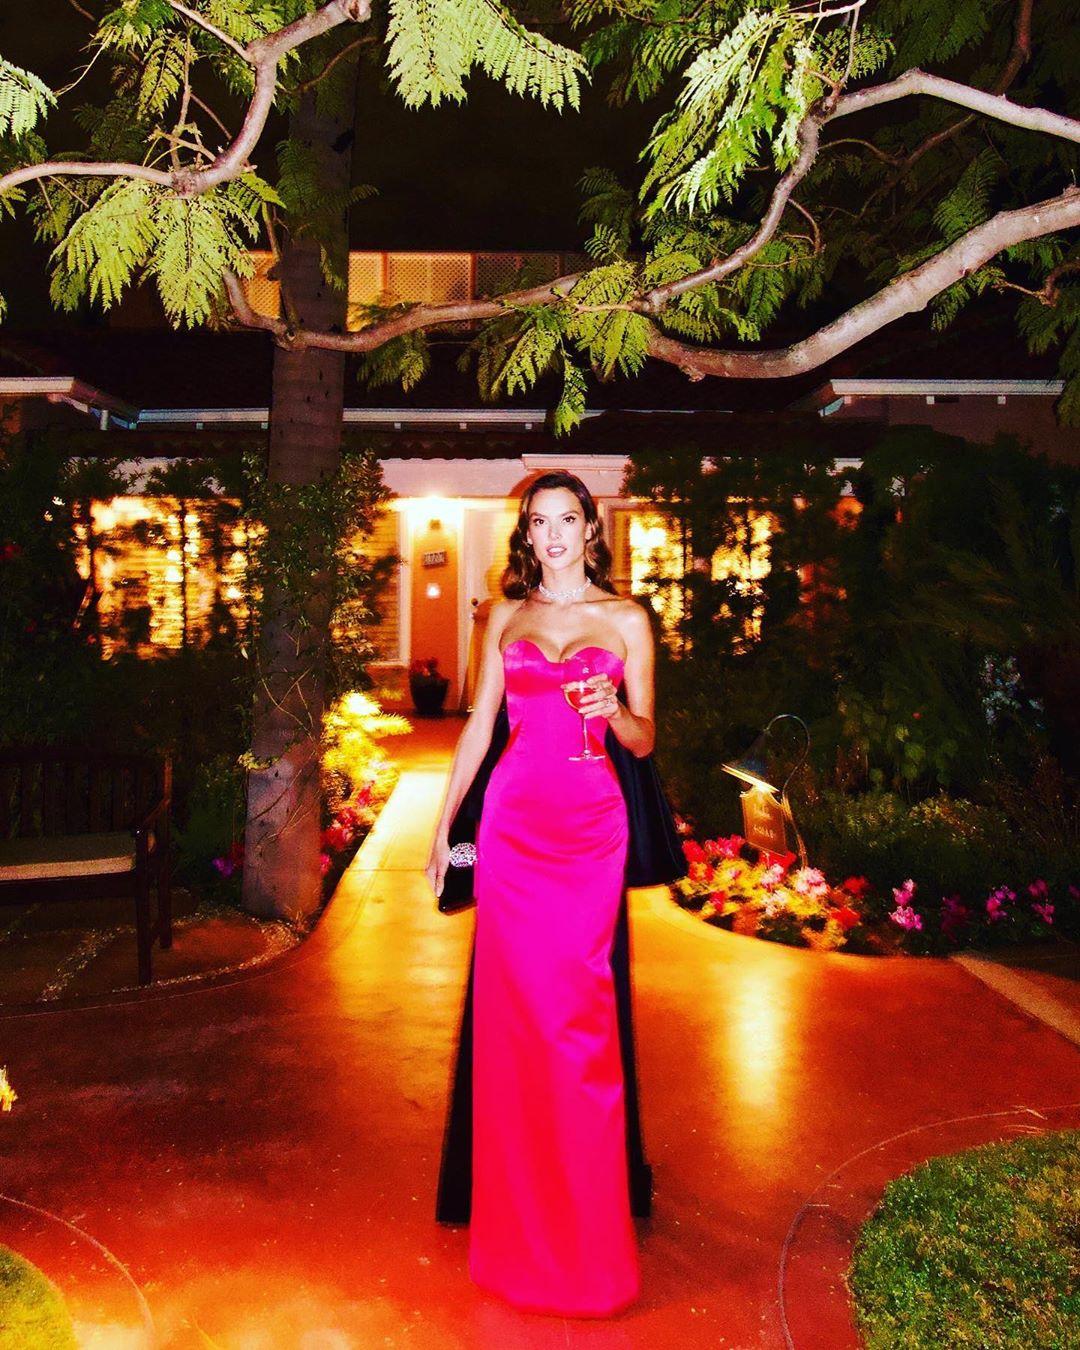 Розовая мечта: Алессандра Амбросио показала точеную фигуру в эффектном наряде